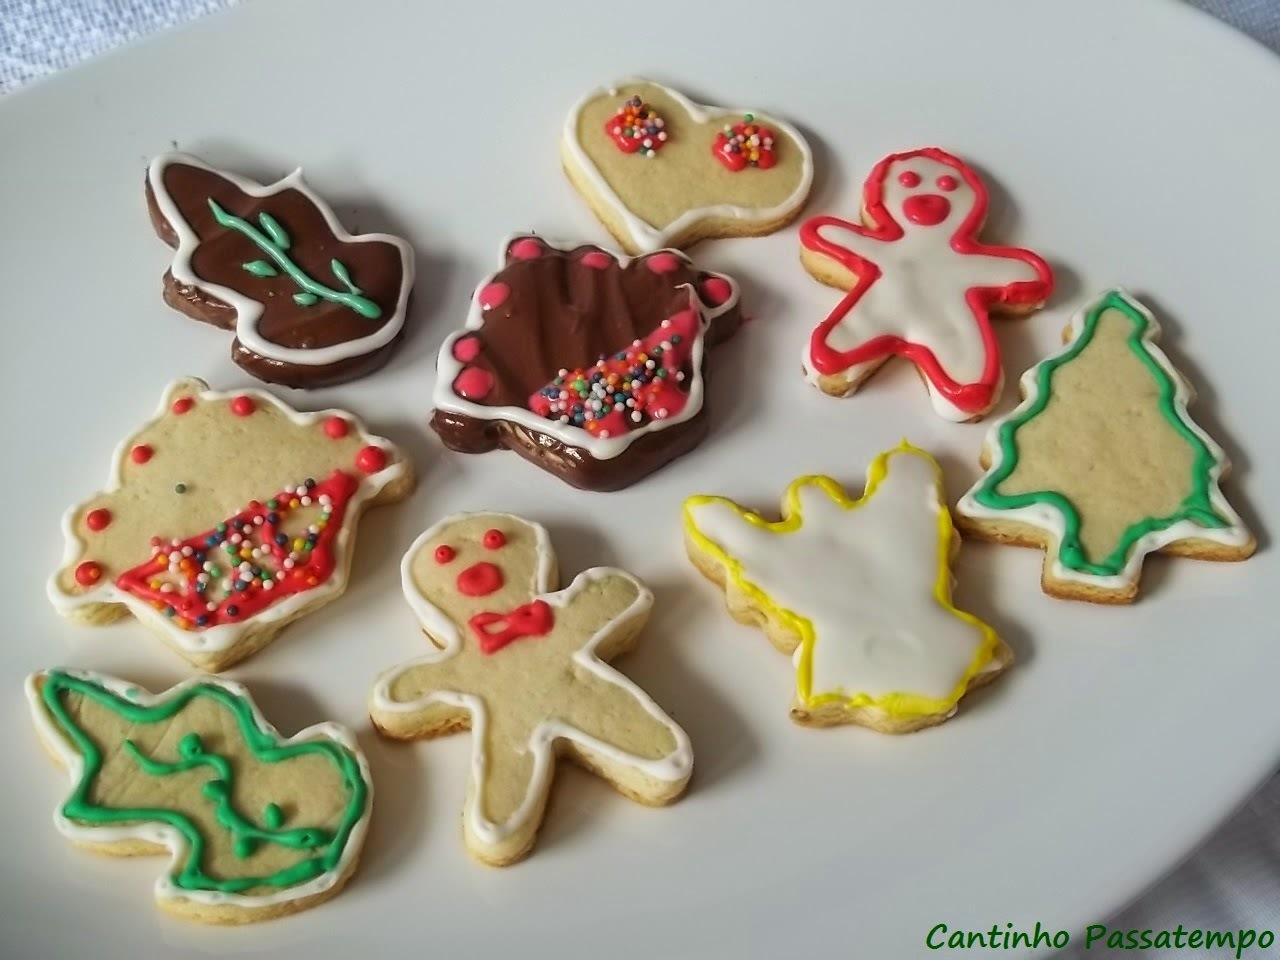 Curso de bolachas decoradas para o Natal.Bolachas de leite e amêndoas